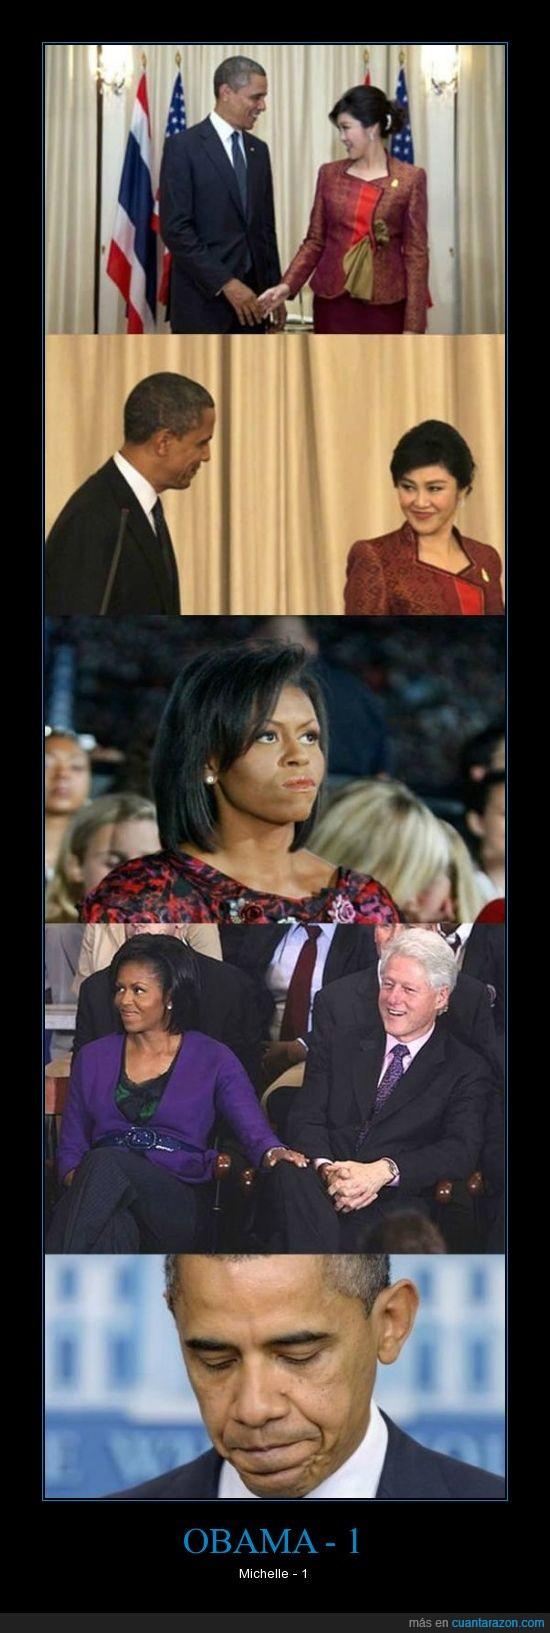 clinton,cuernos,guerra,michelle,Obama,USA